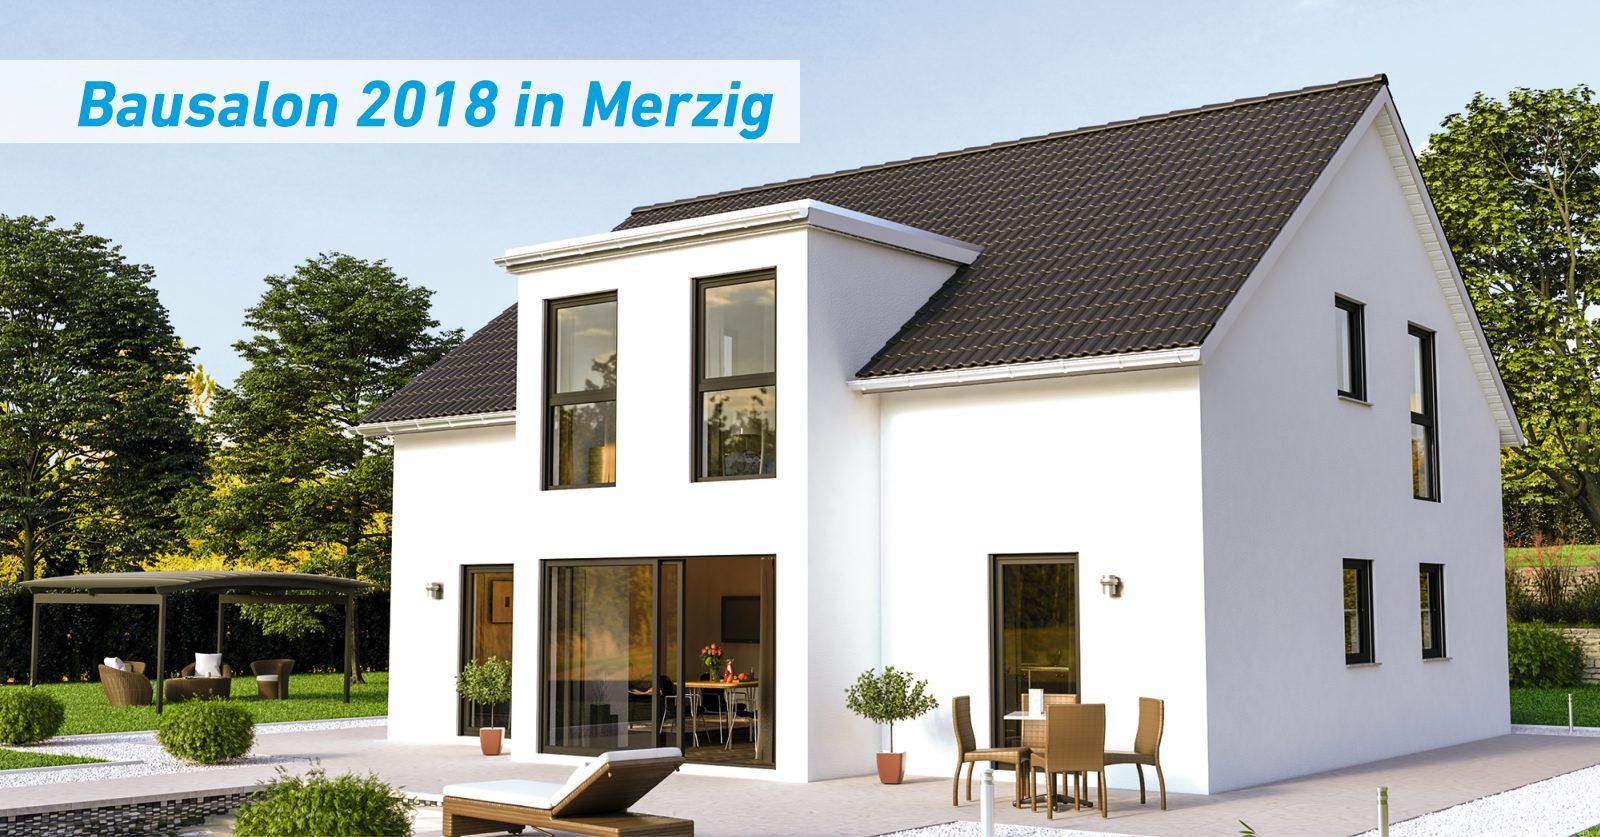 Bausalon 2018 in Merzig Aussteller Spektral Haus